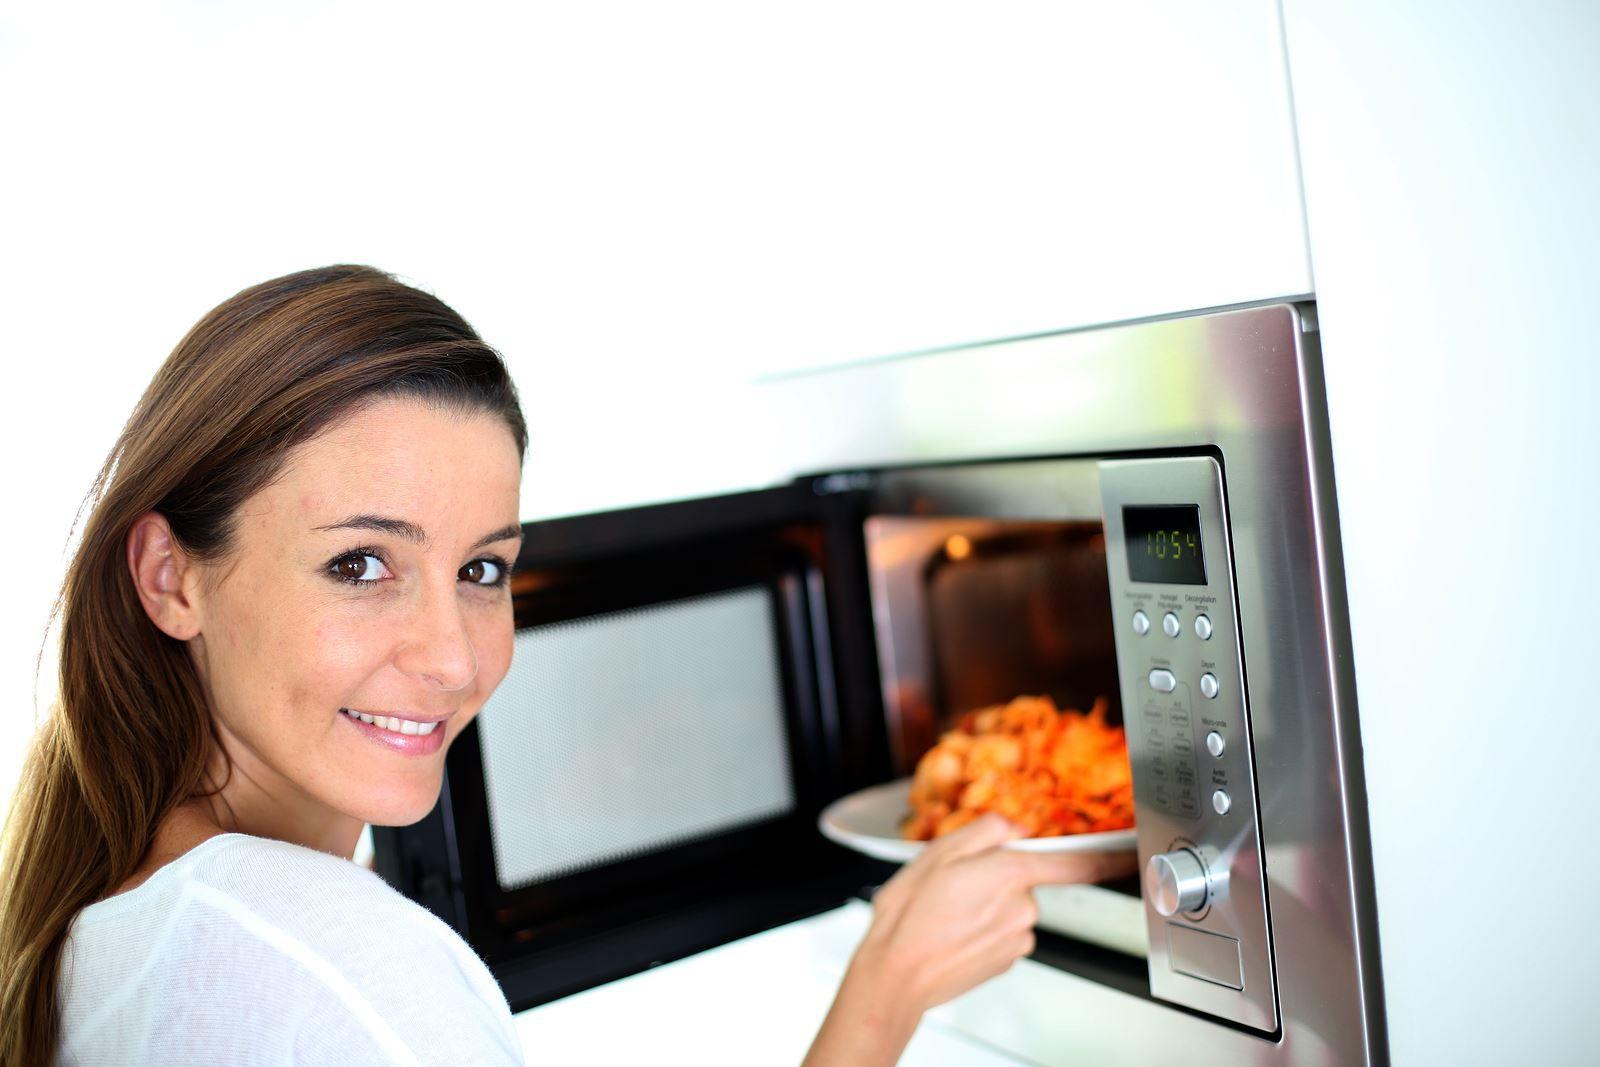 Come cuocere i cibi nel microonde